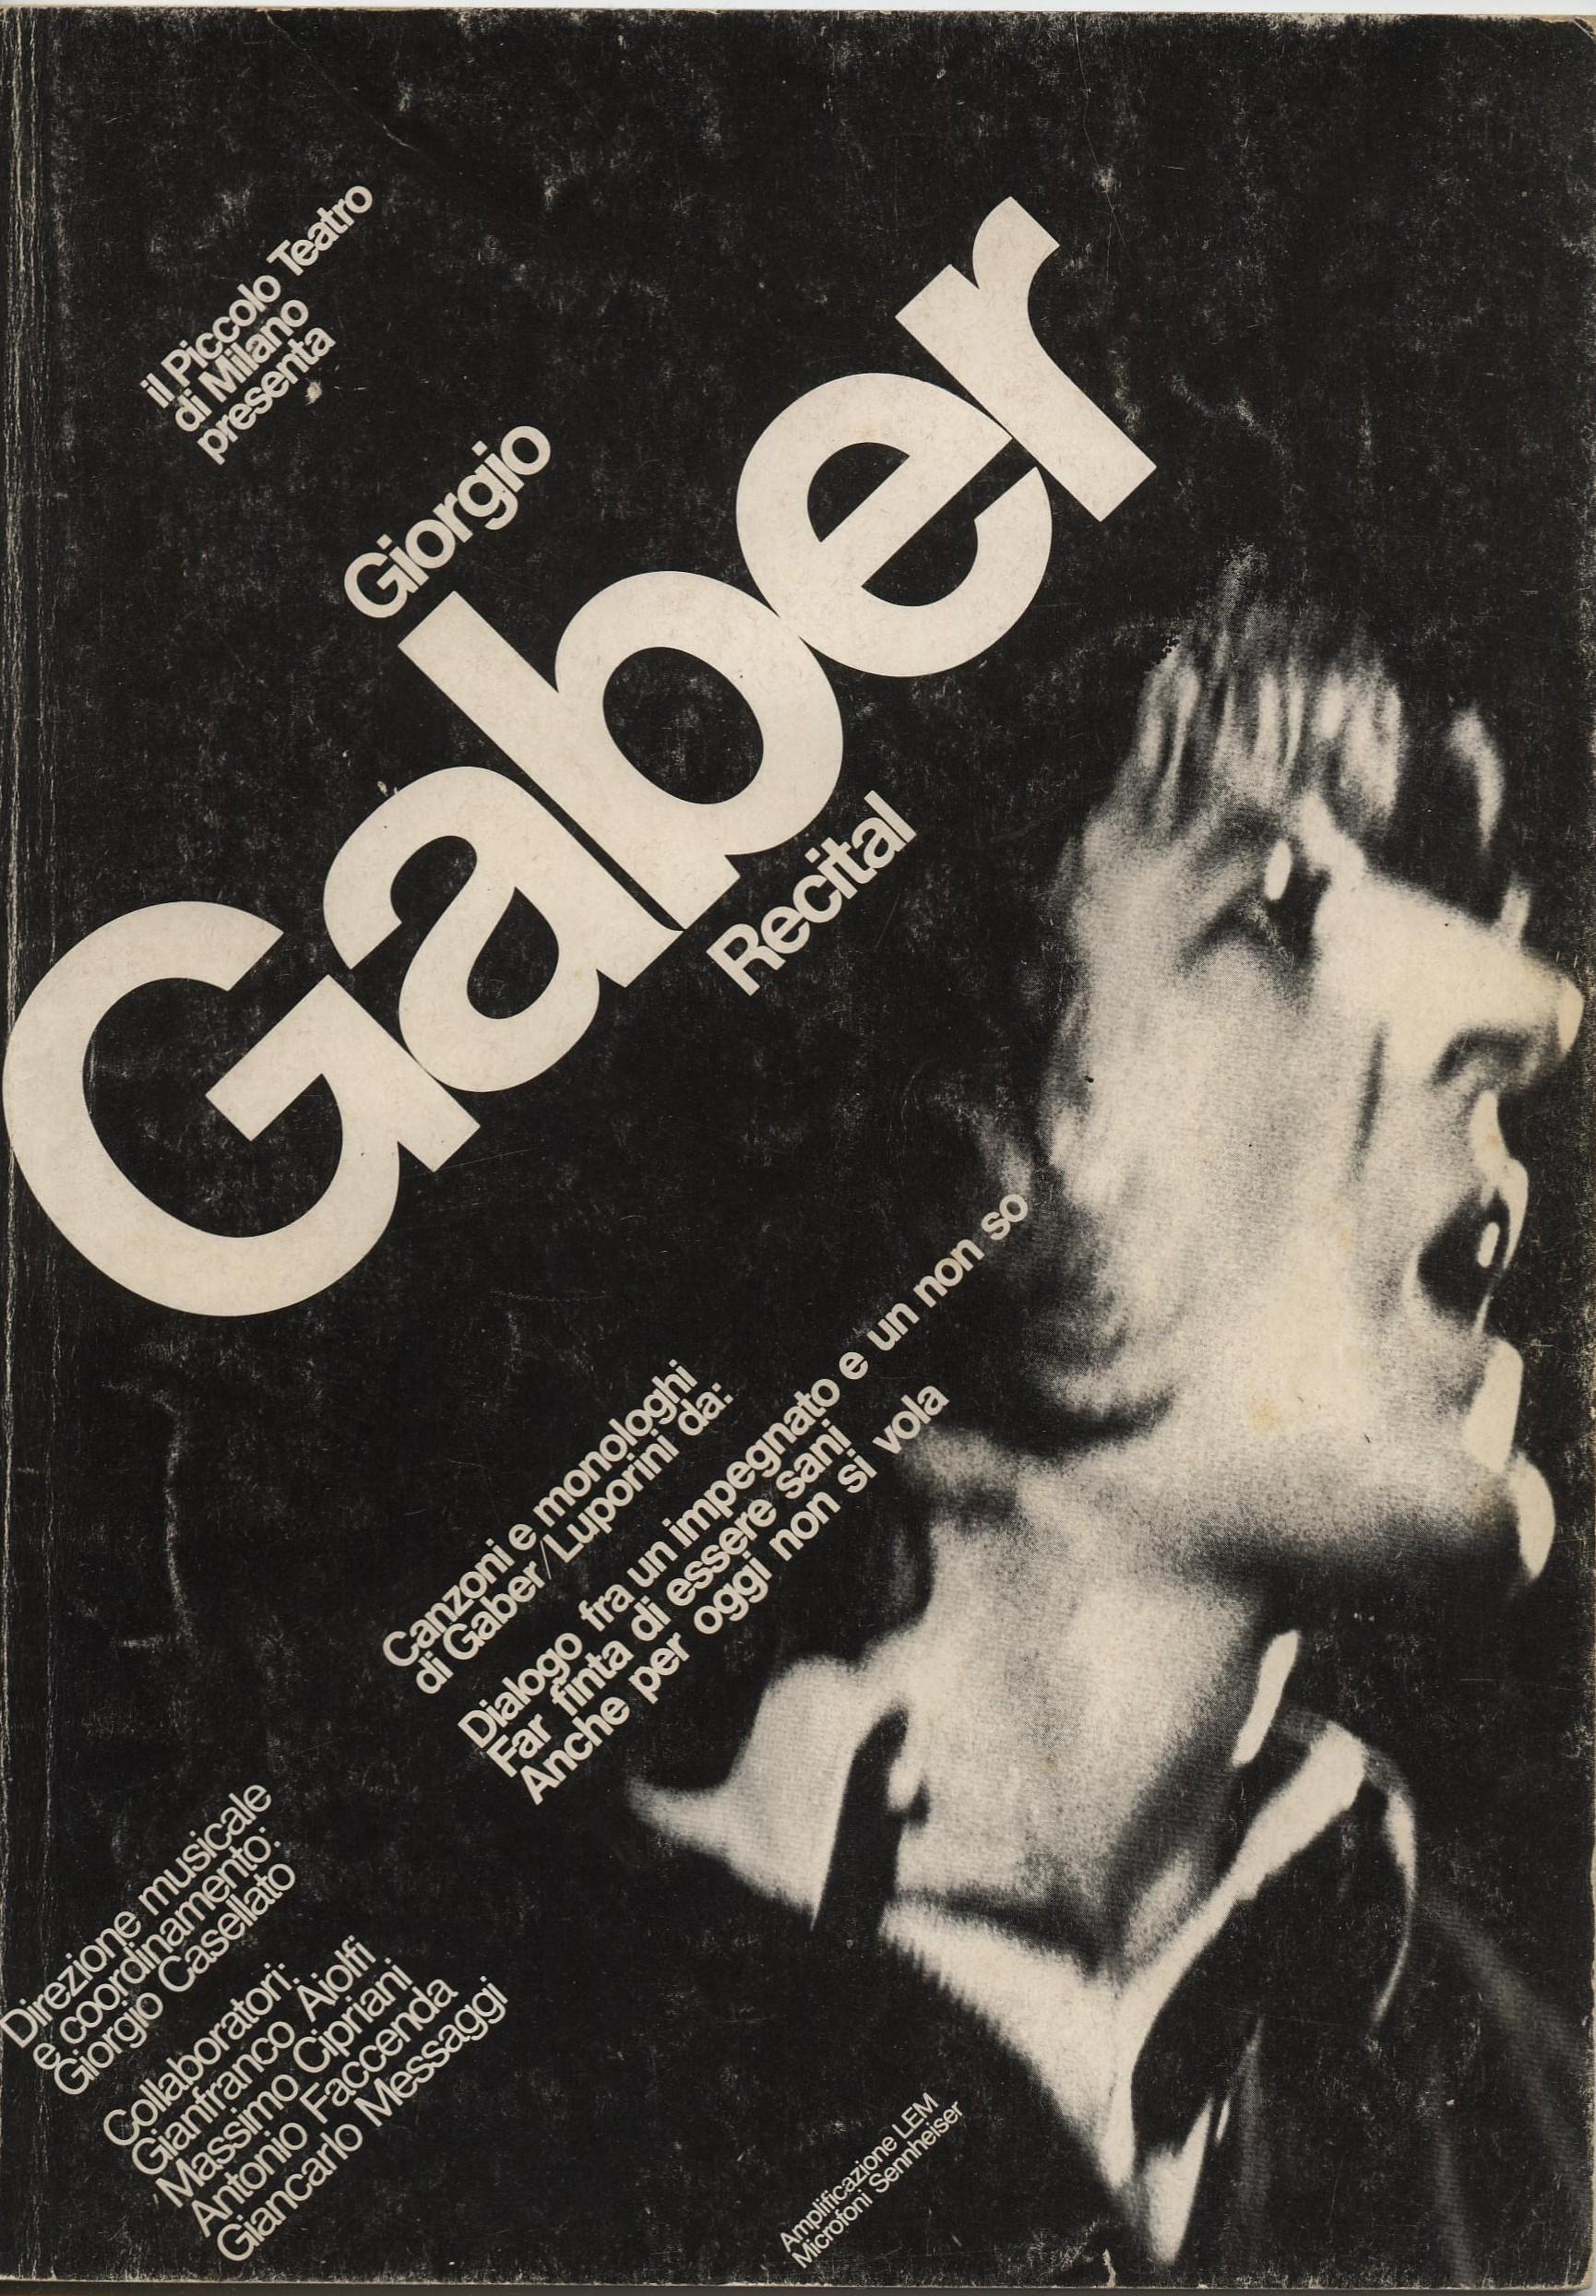 Giorgio Gaber - Recital